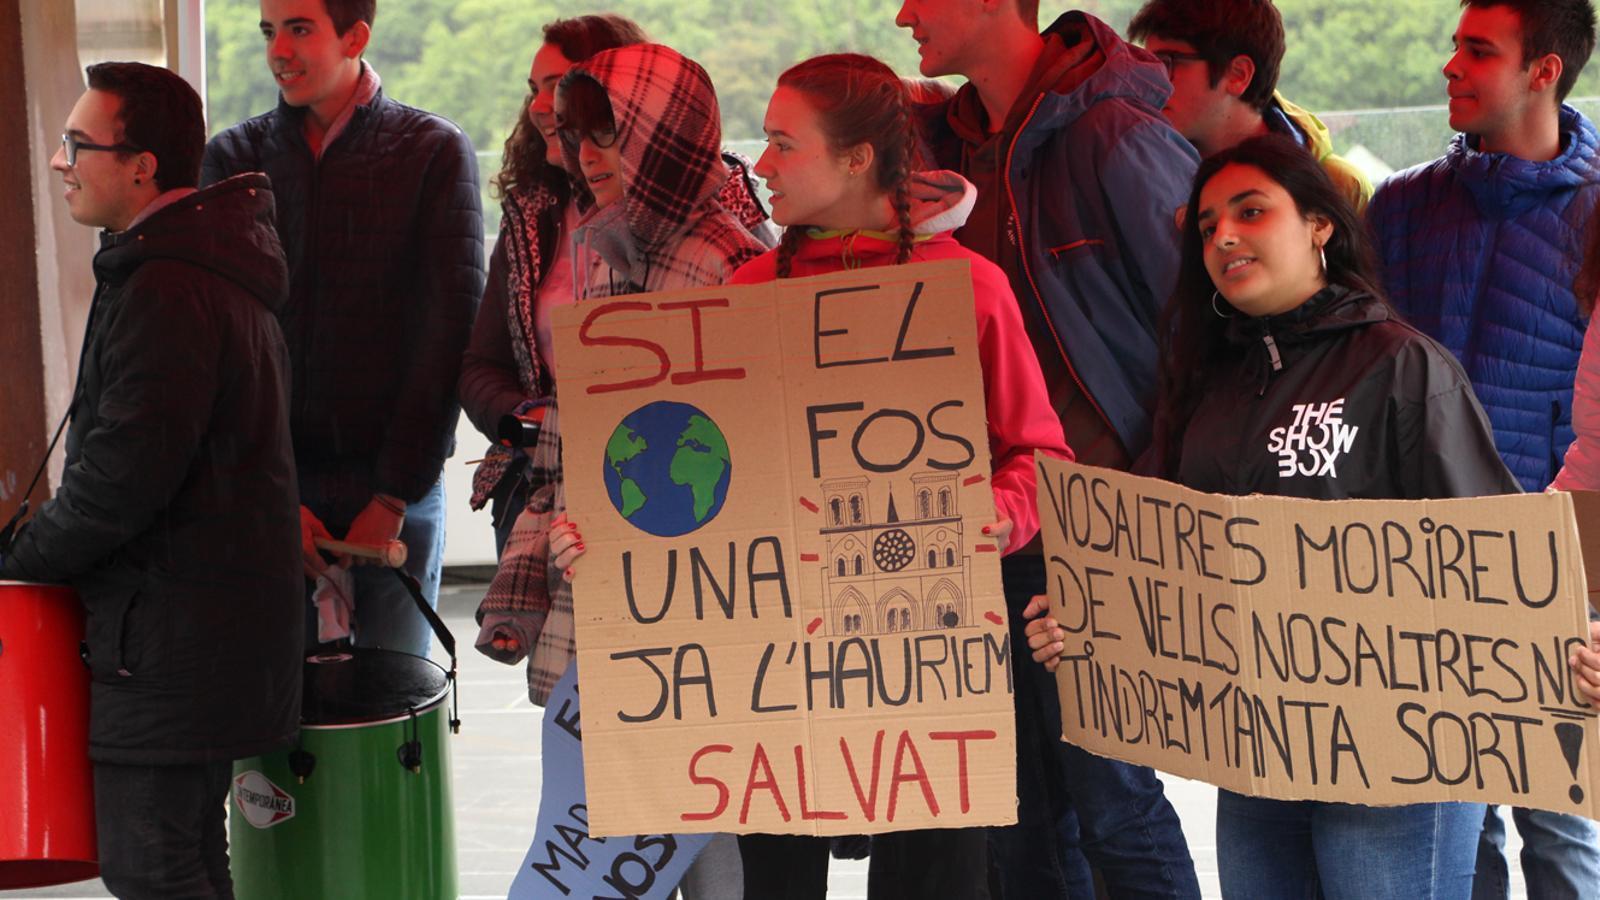 Els joves del moviments Fridays for Future es reivindiquen davant del Consell General. / M. P. (ANA)